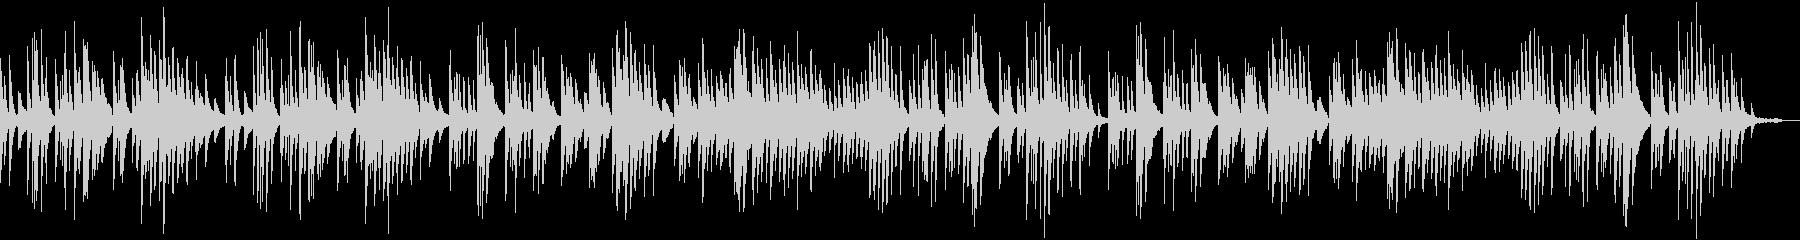 サラバンド/グリーグ【しっとりピアノ版】の未再生の波形